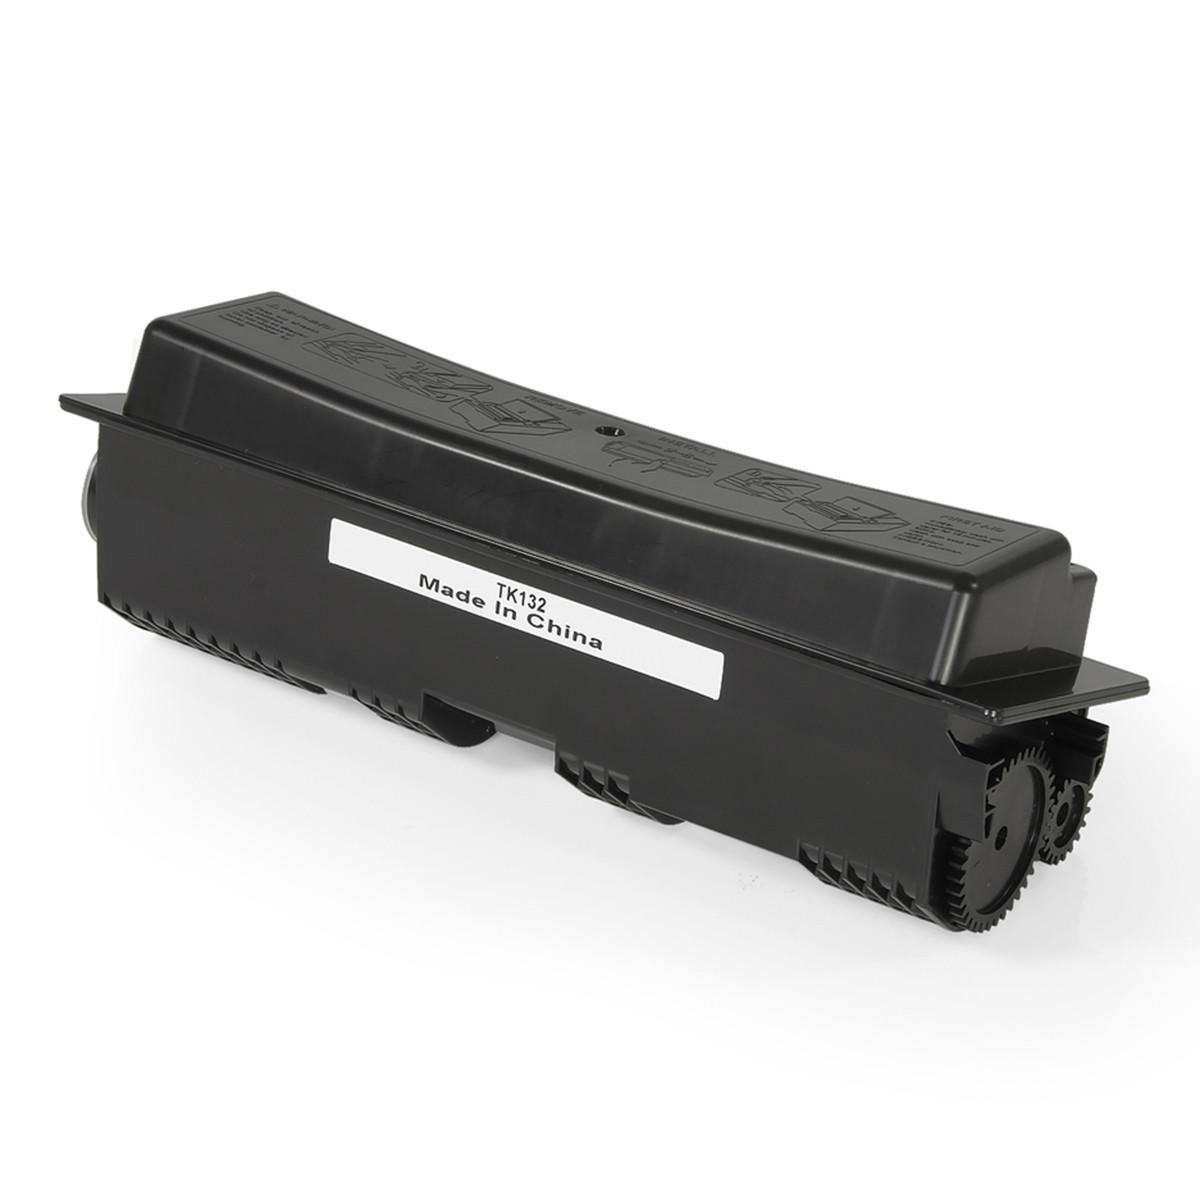 Toner Compatível Kyocera TK137 TK-137 | KM2810 KM2820 KM2810DP | Katun Access 7.2K